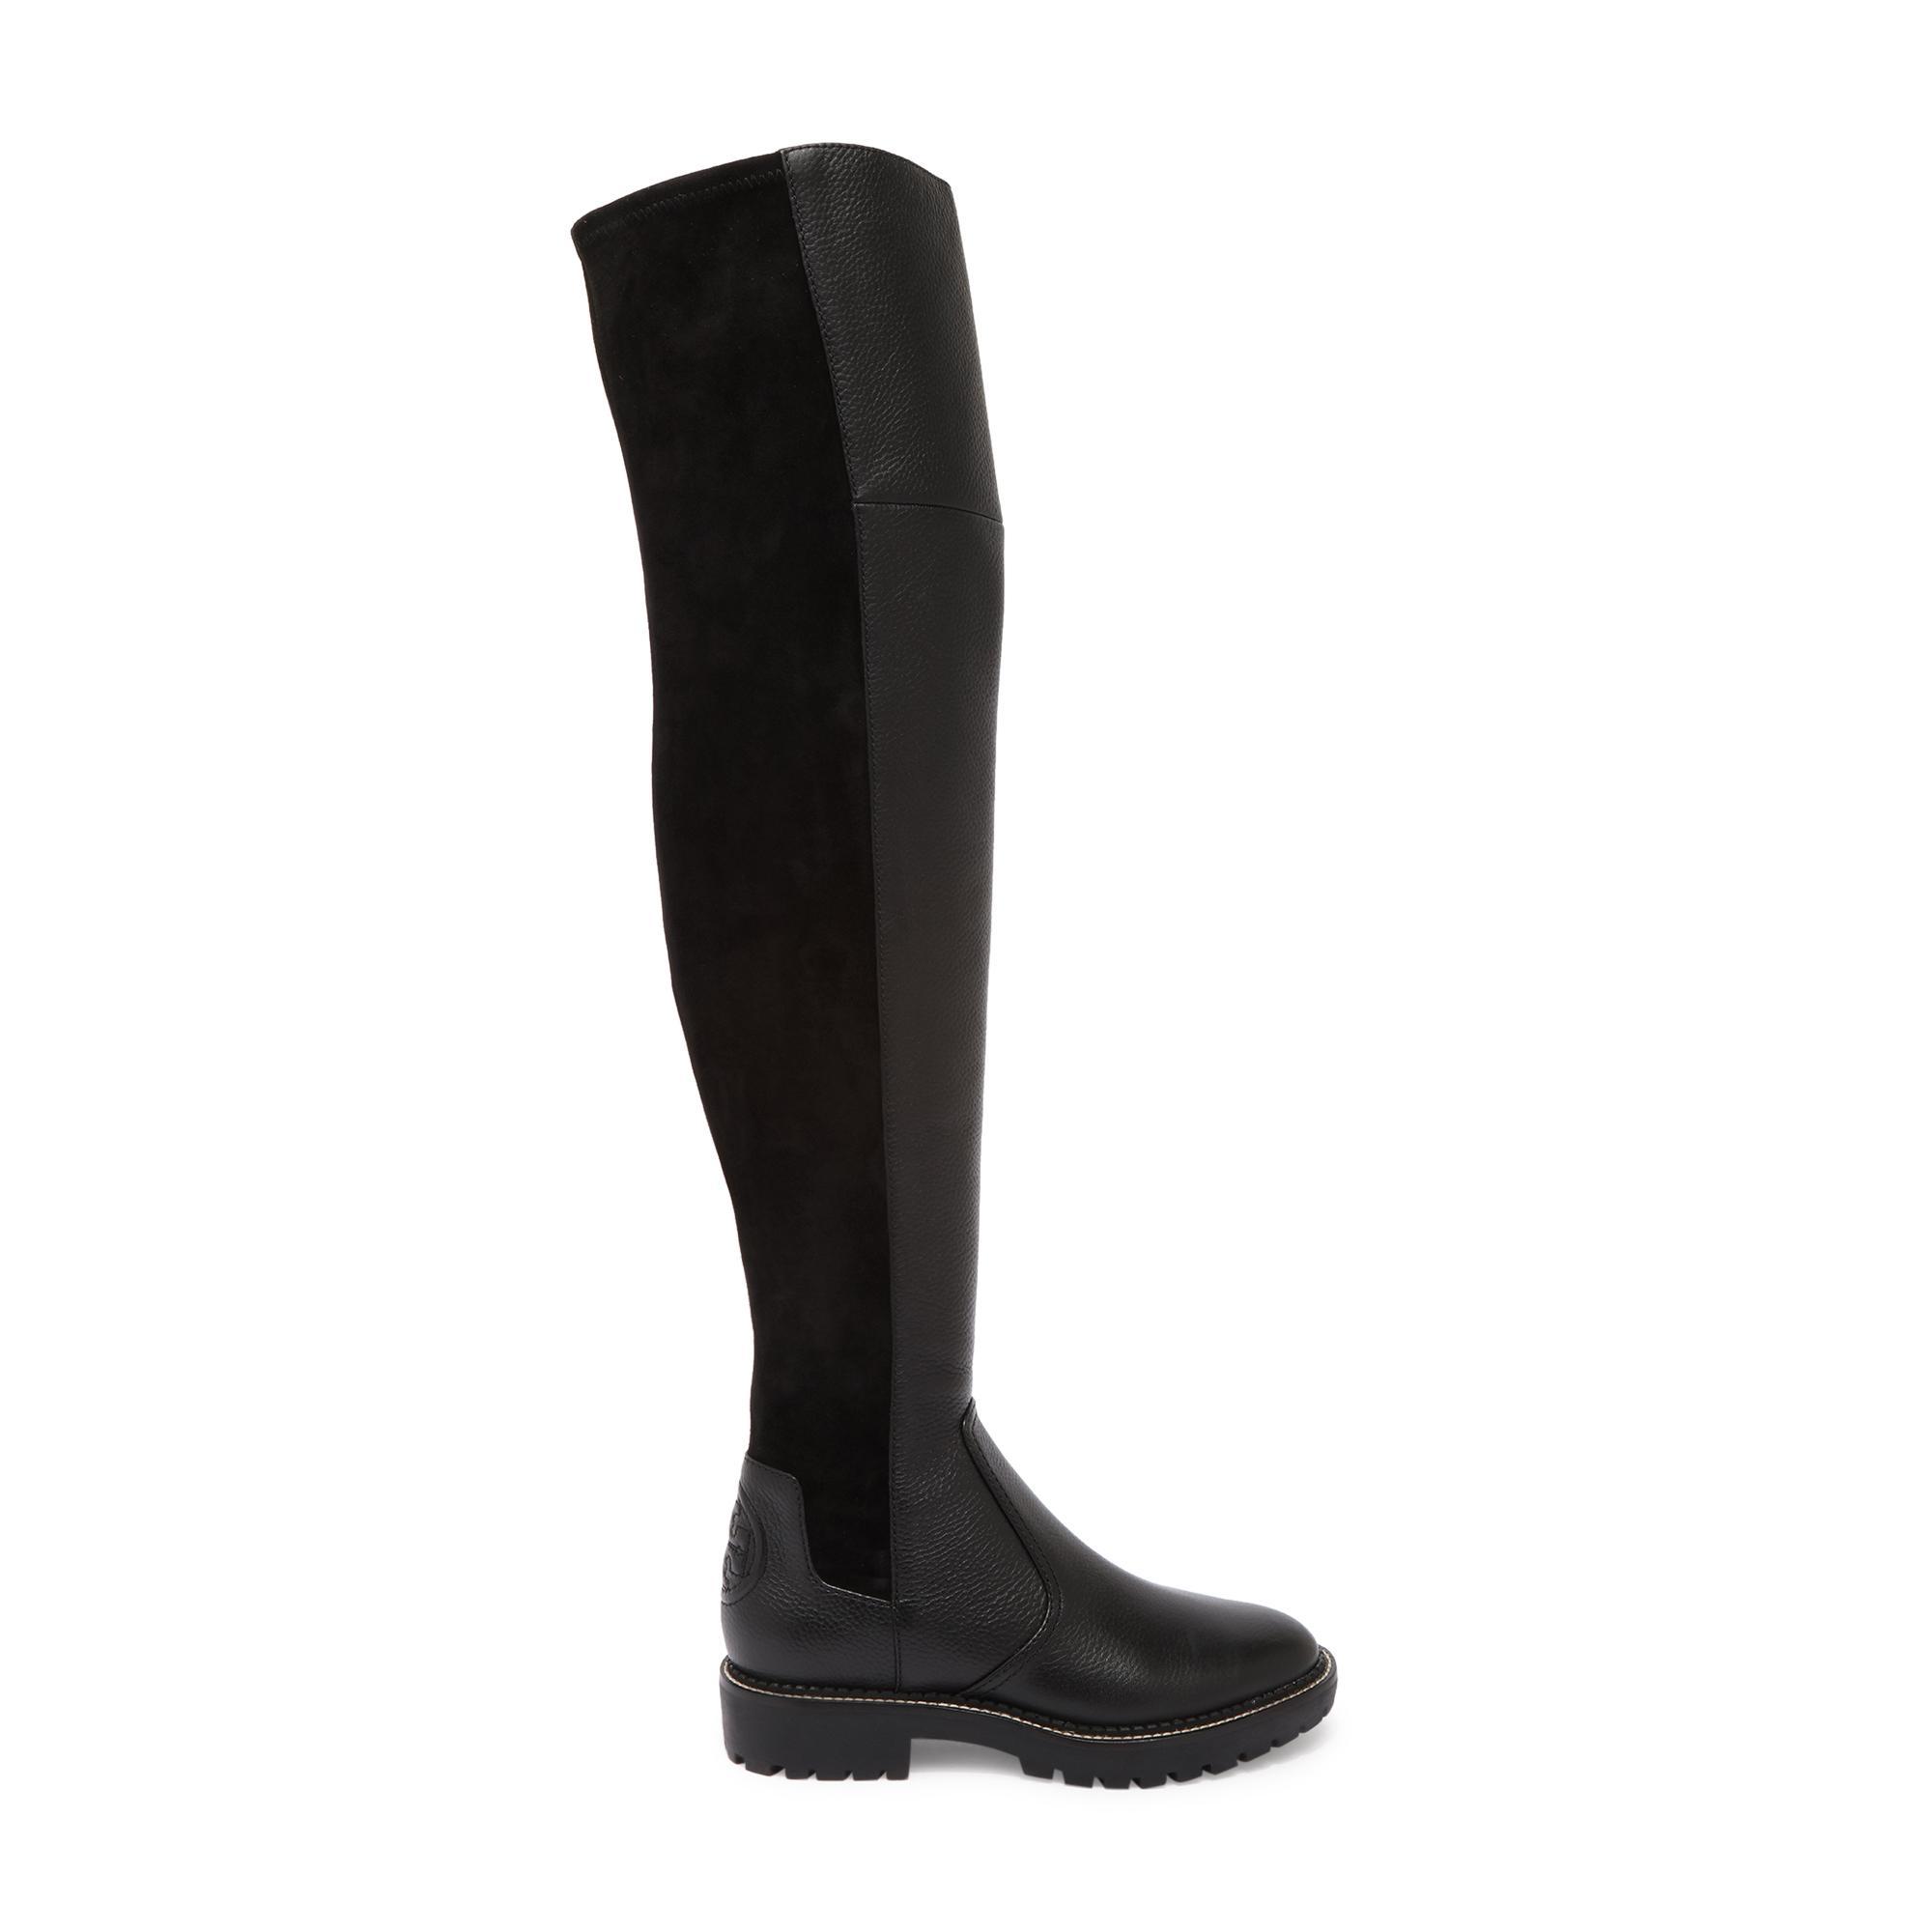 Miller boots